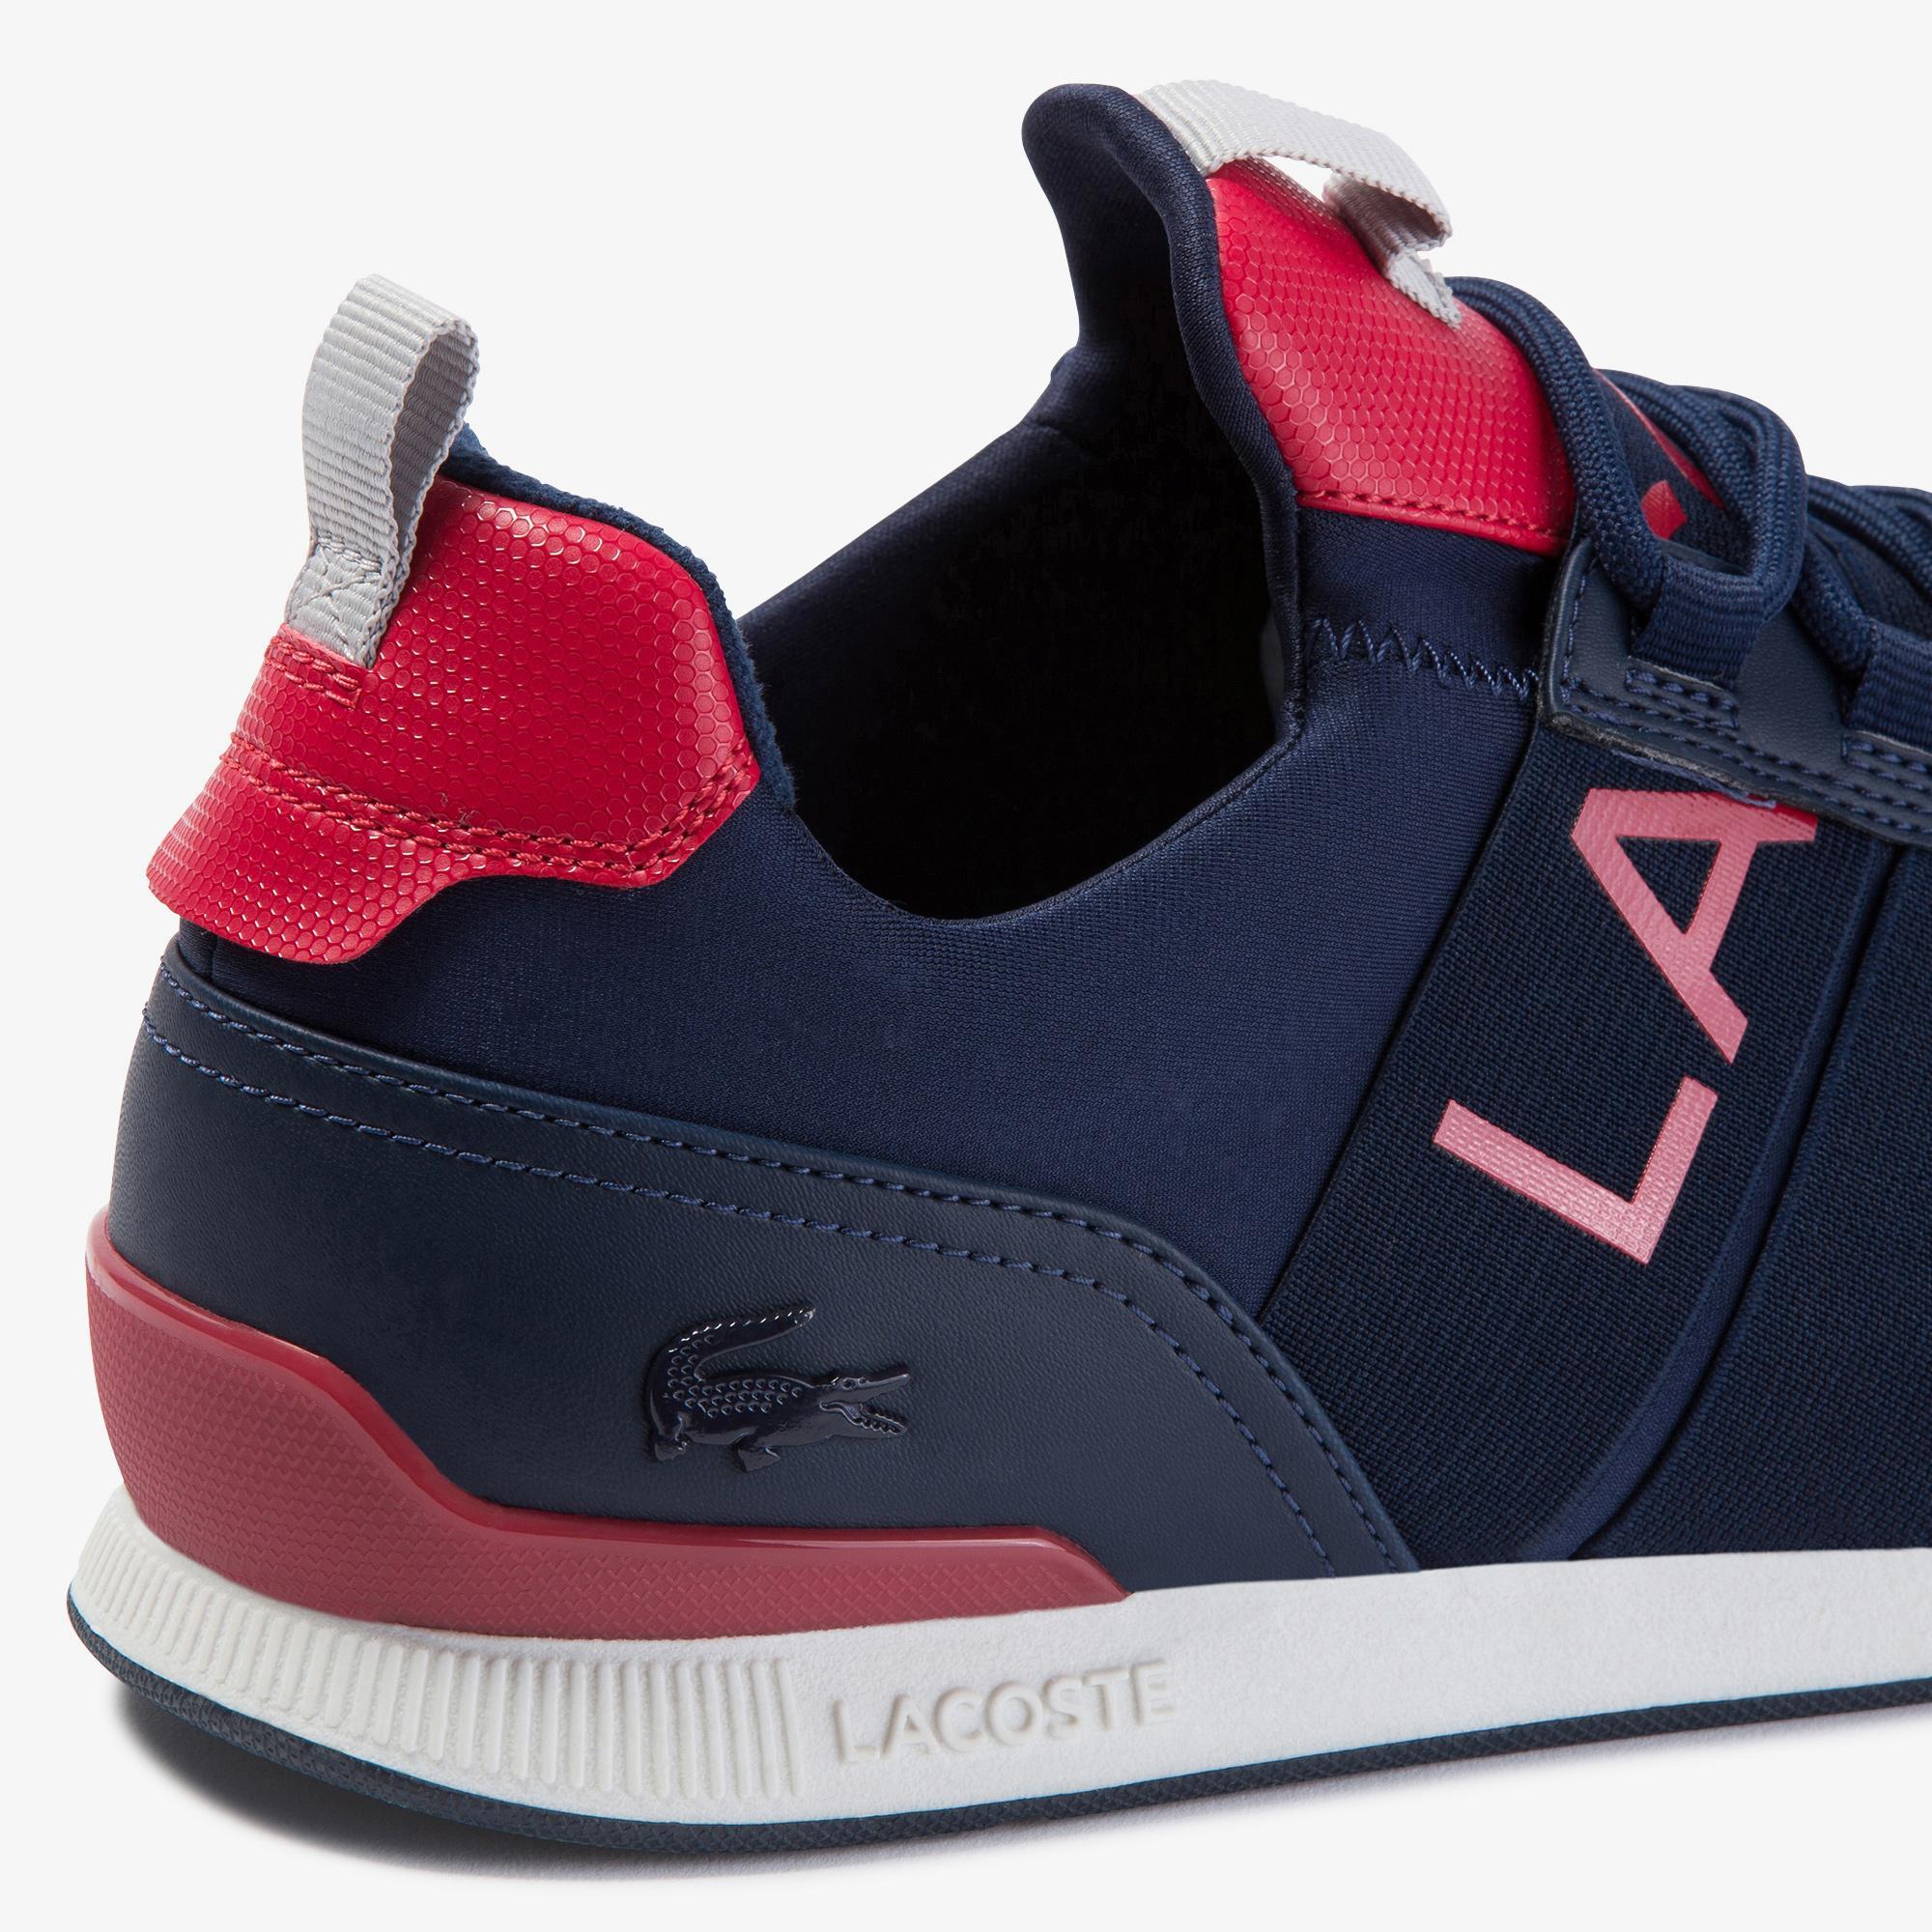 Lacoste Menerva Elite 120 1 Men's Sneakers